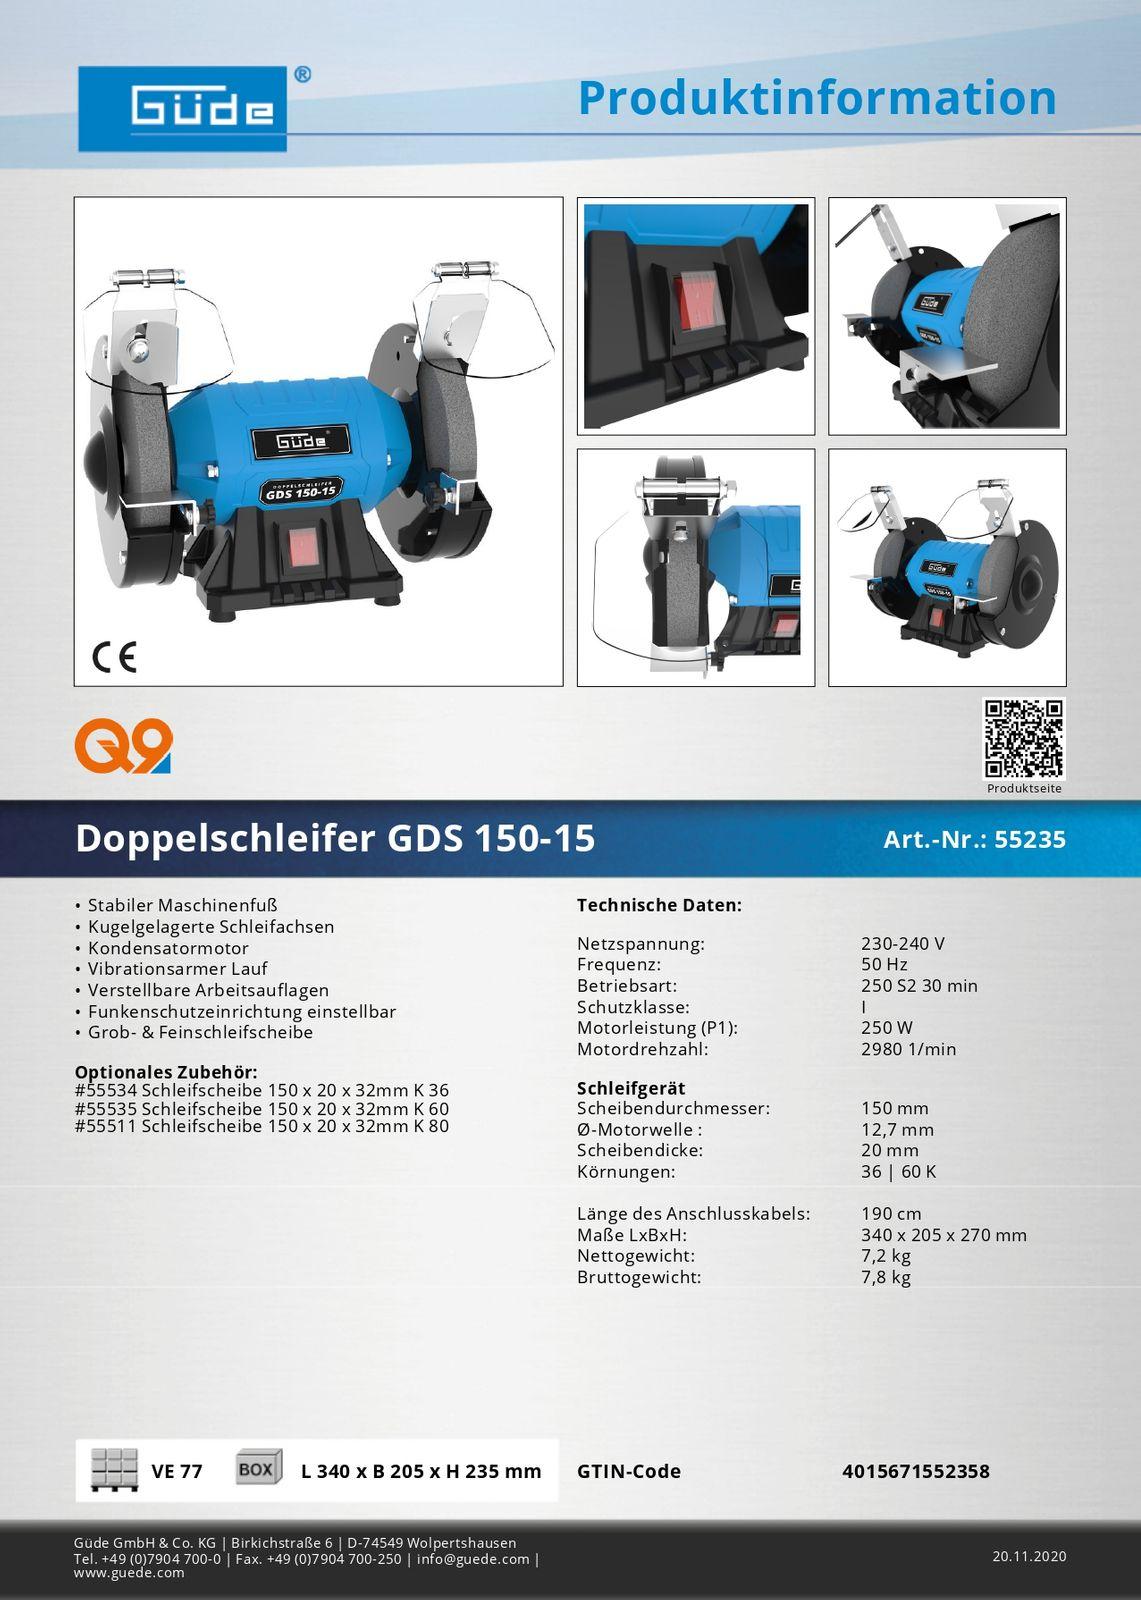 Güde Doppelschleifer Schleifmaschine Schleifbock GDS 150-15 Schleifgerät 55235